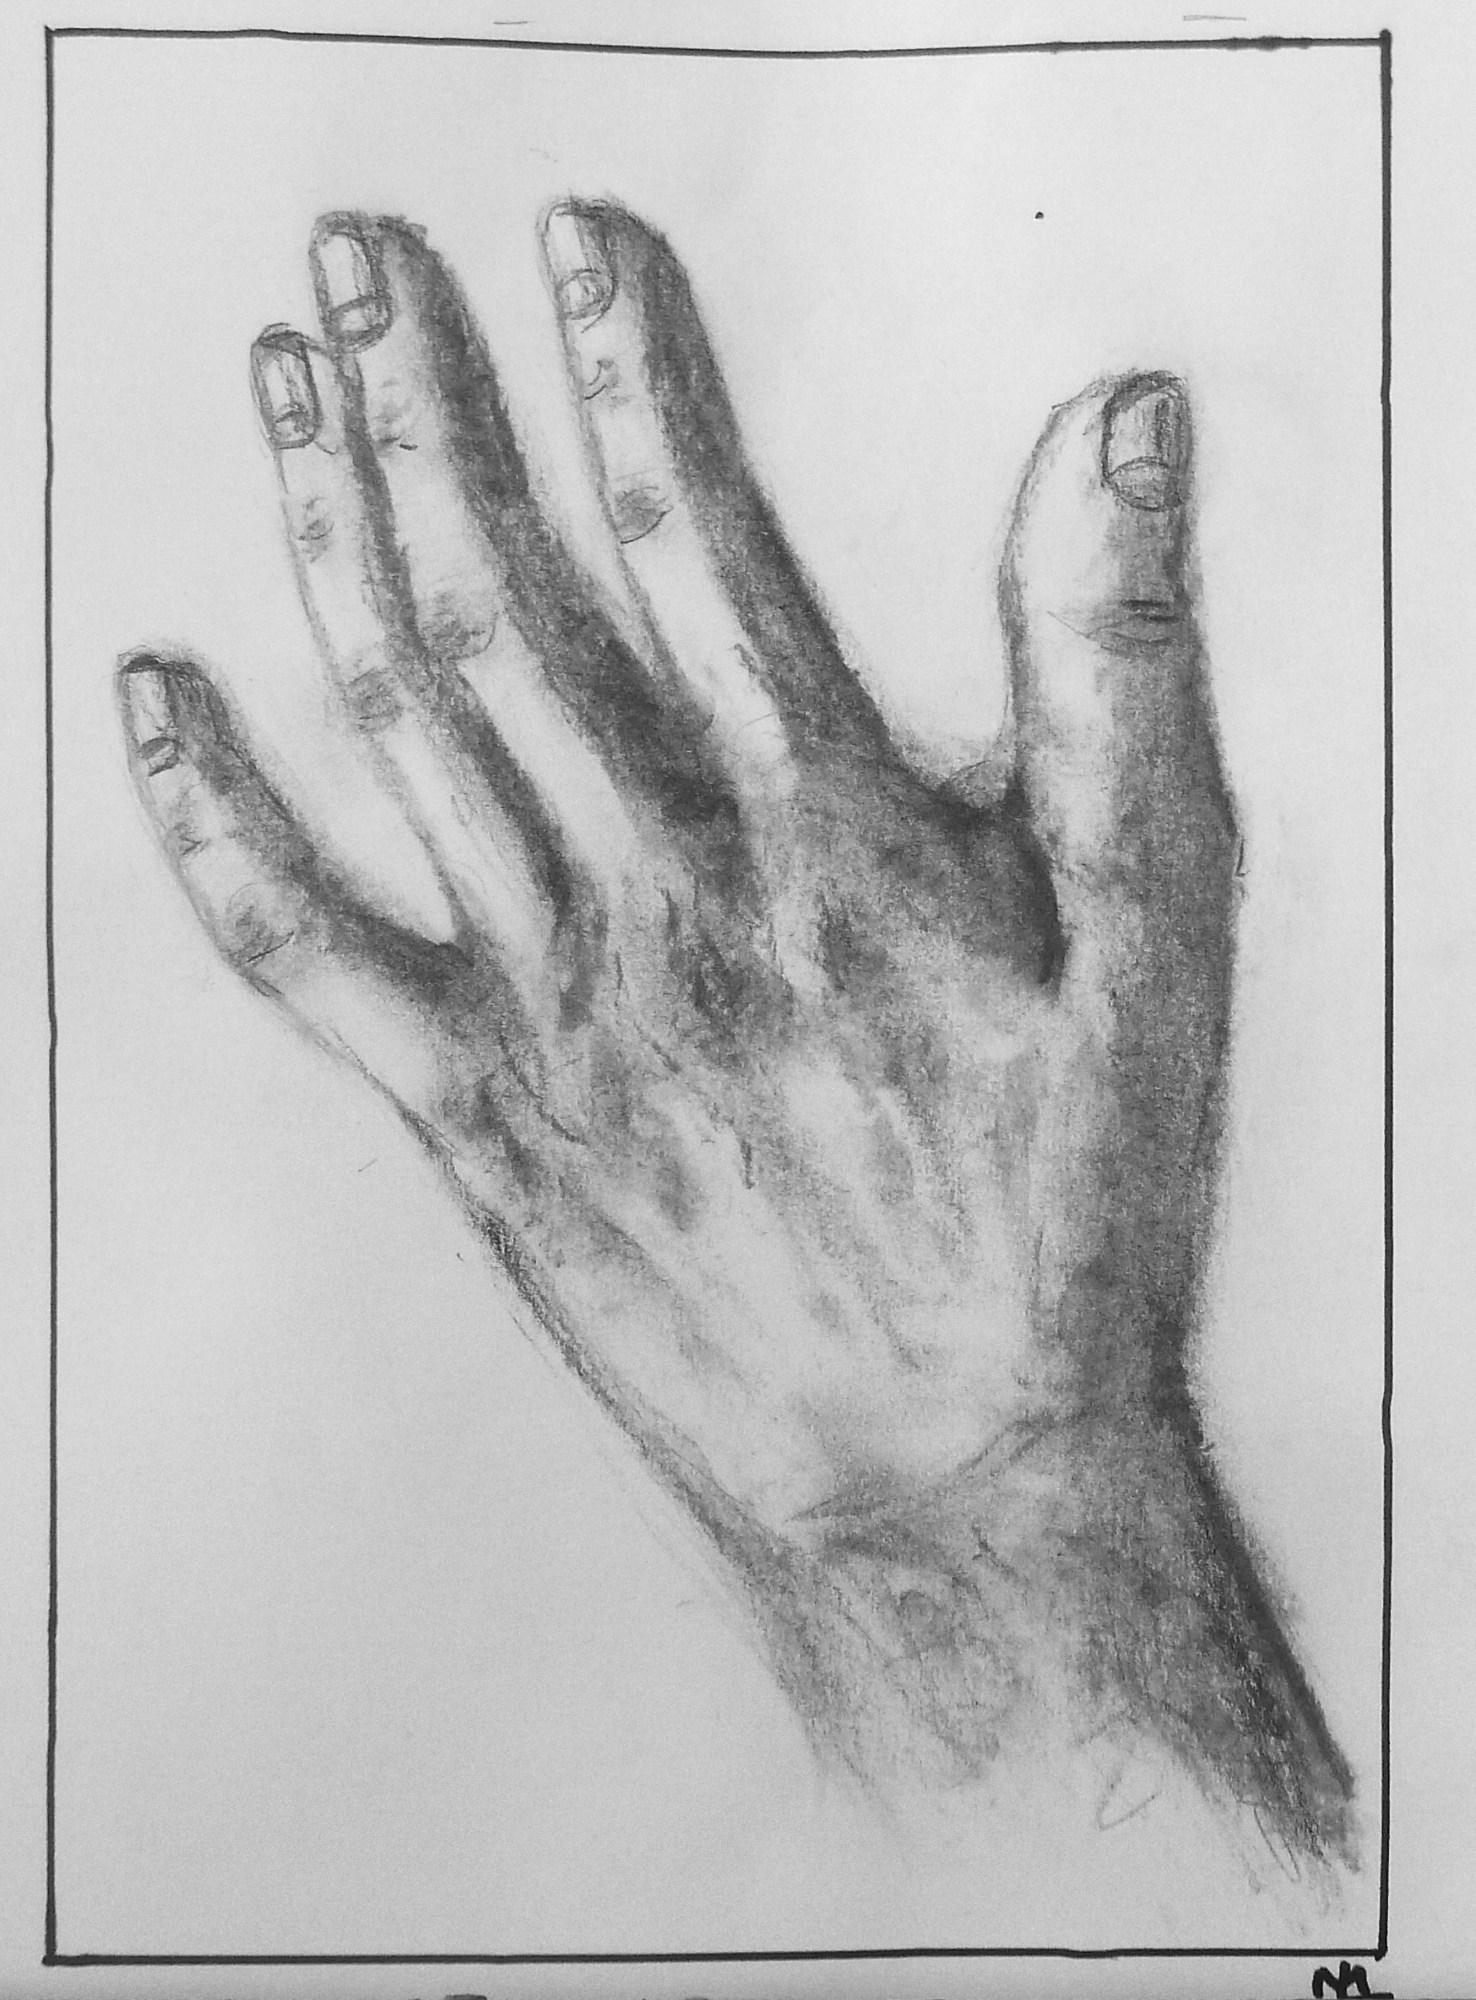 2009 - Meine Hand, Bleistift